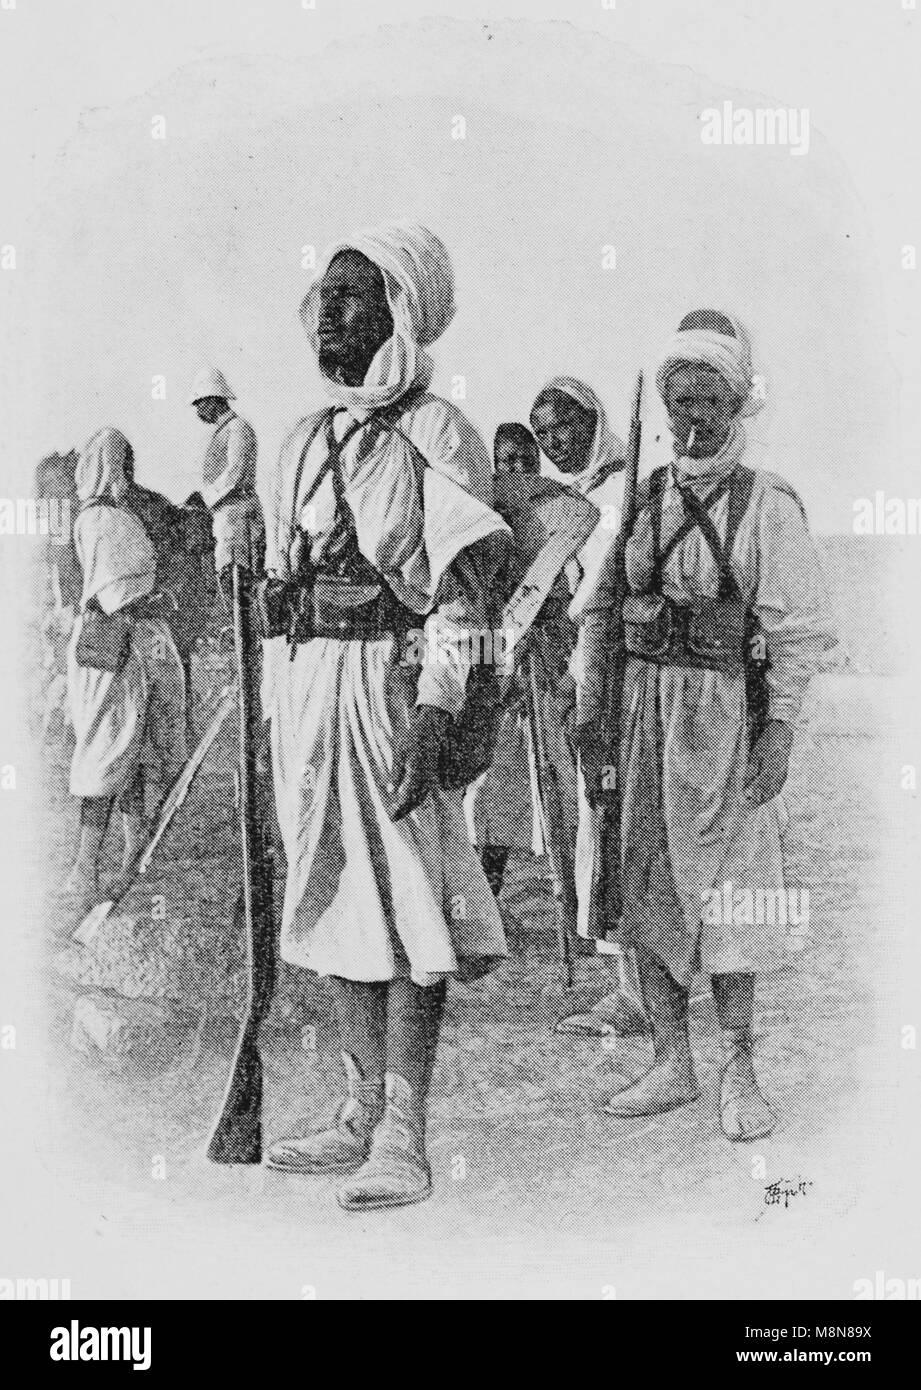 Französische Foureau-Lamy Expedition im Tschad im Jahr 1900 Targui Teilnehmer, Bild aus der Französischen Stockbild